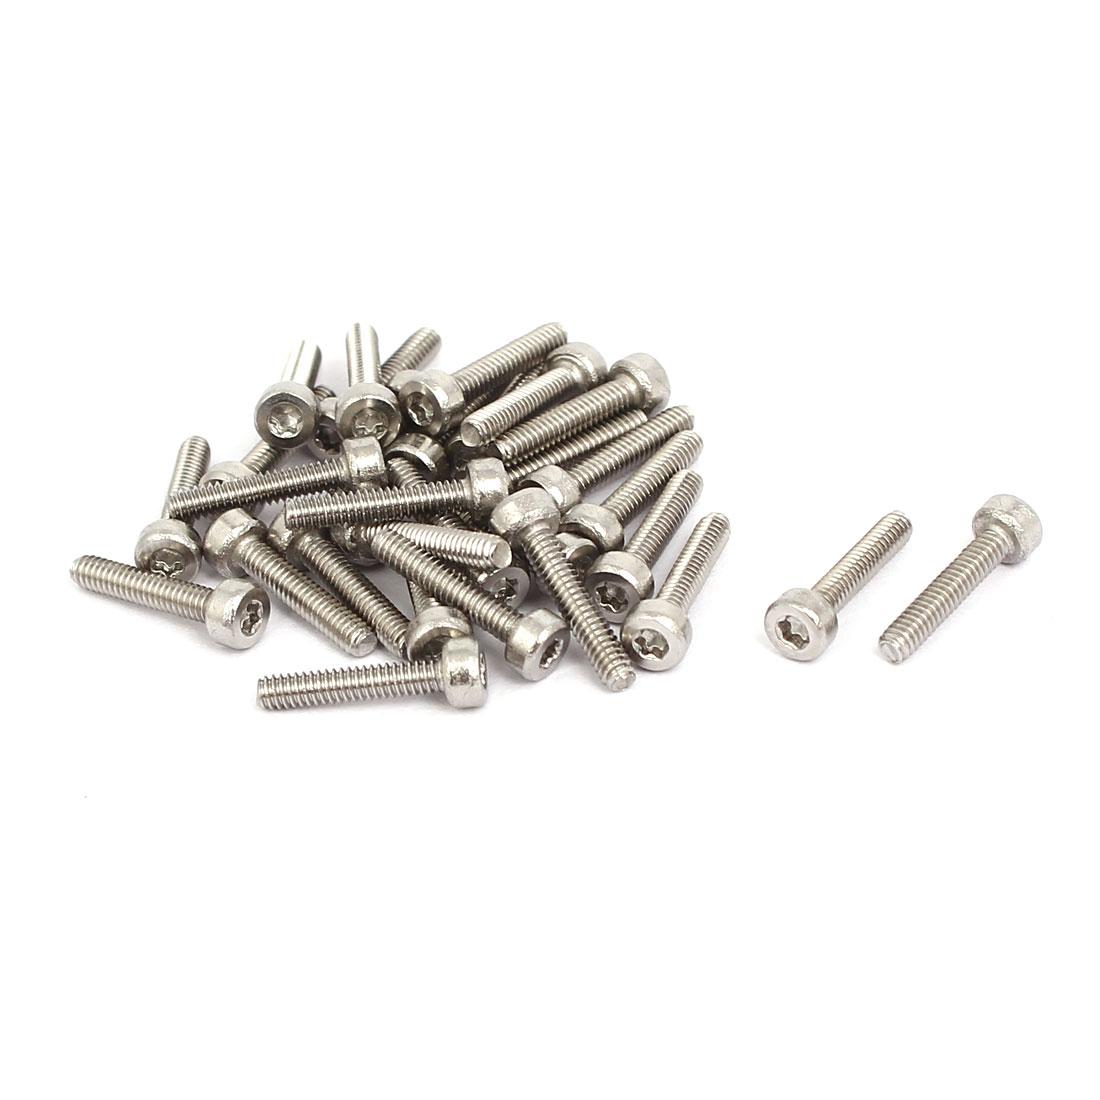 M2x10mm 304 Stainless Steel Torx Socket Head Cap Screws Fasteners 30pcs